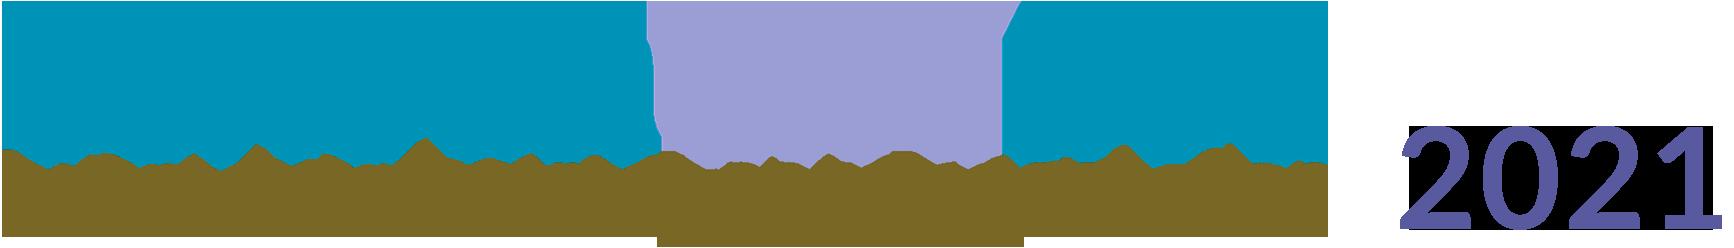 schoenundneu - Logo